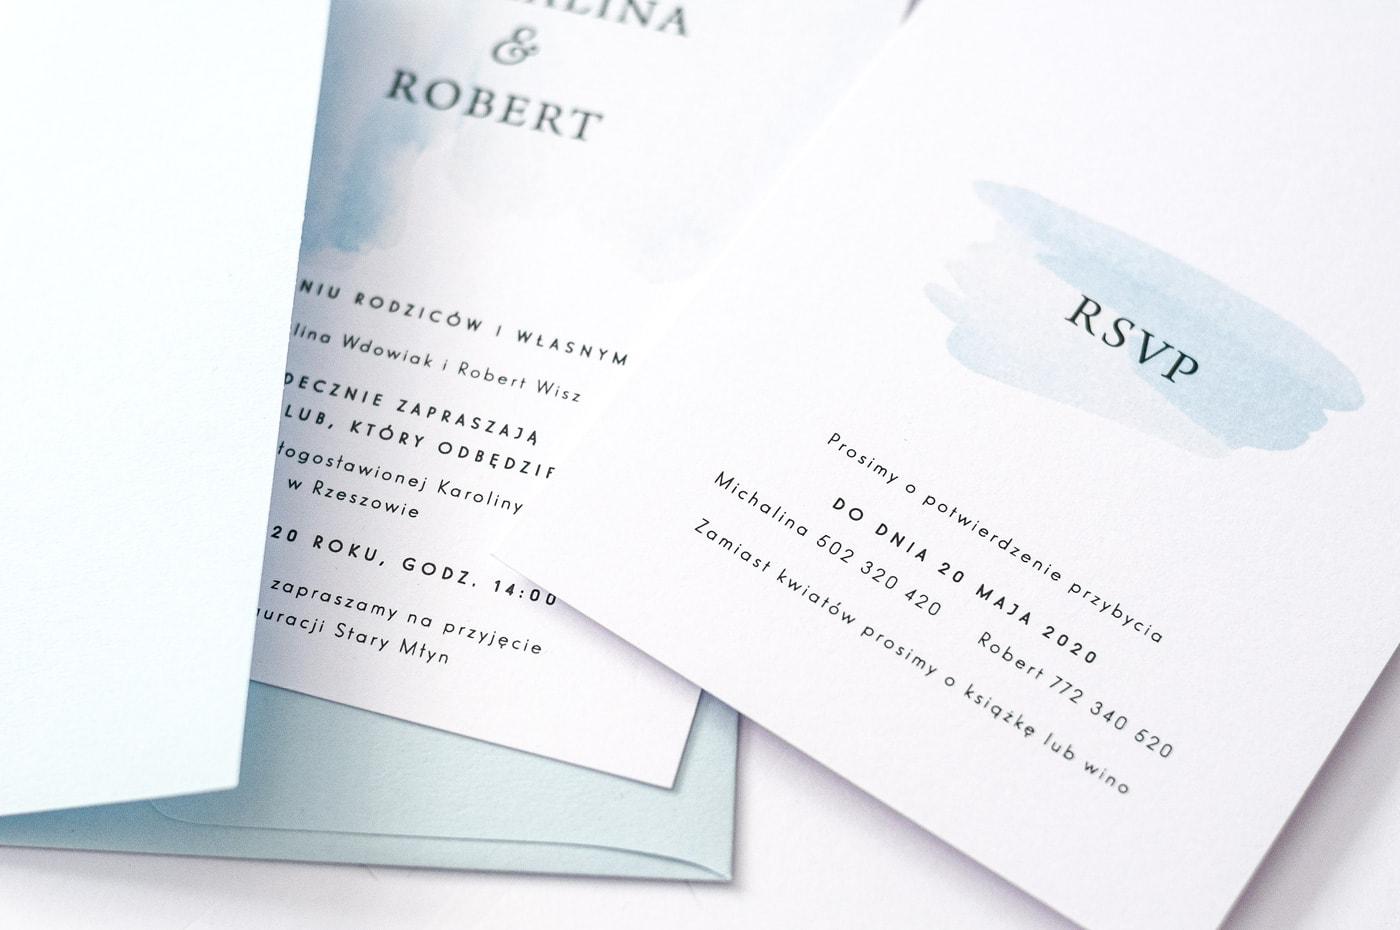 Zaproszenia w minimalistycznym stylu, delikatne jasno niebieskie tło